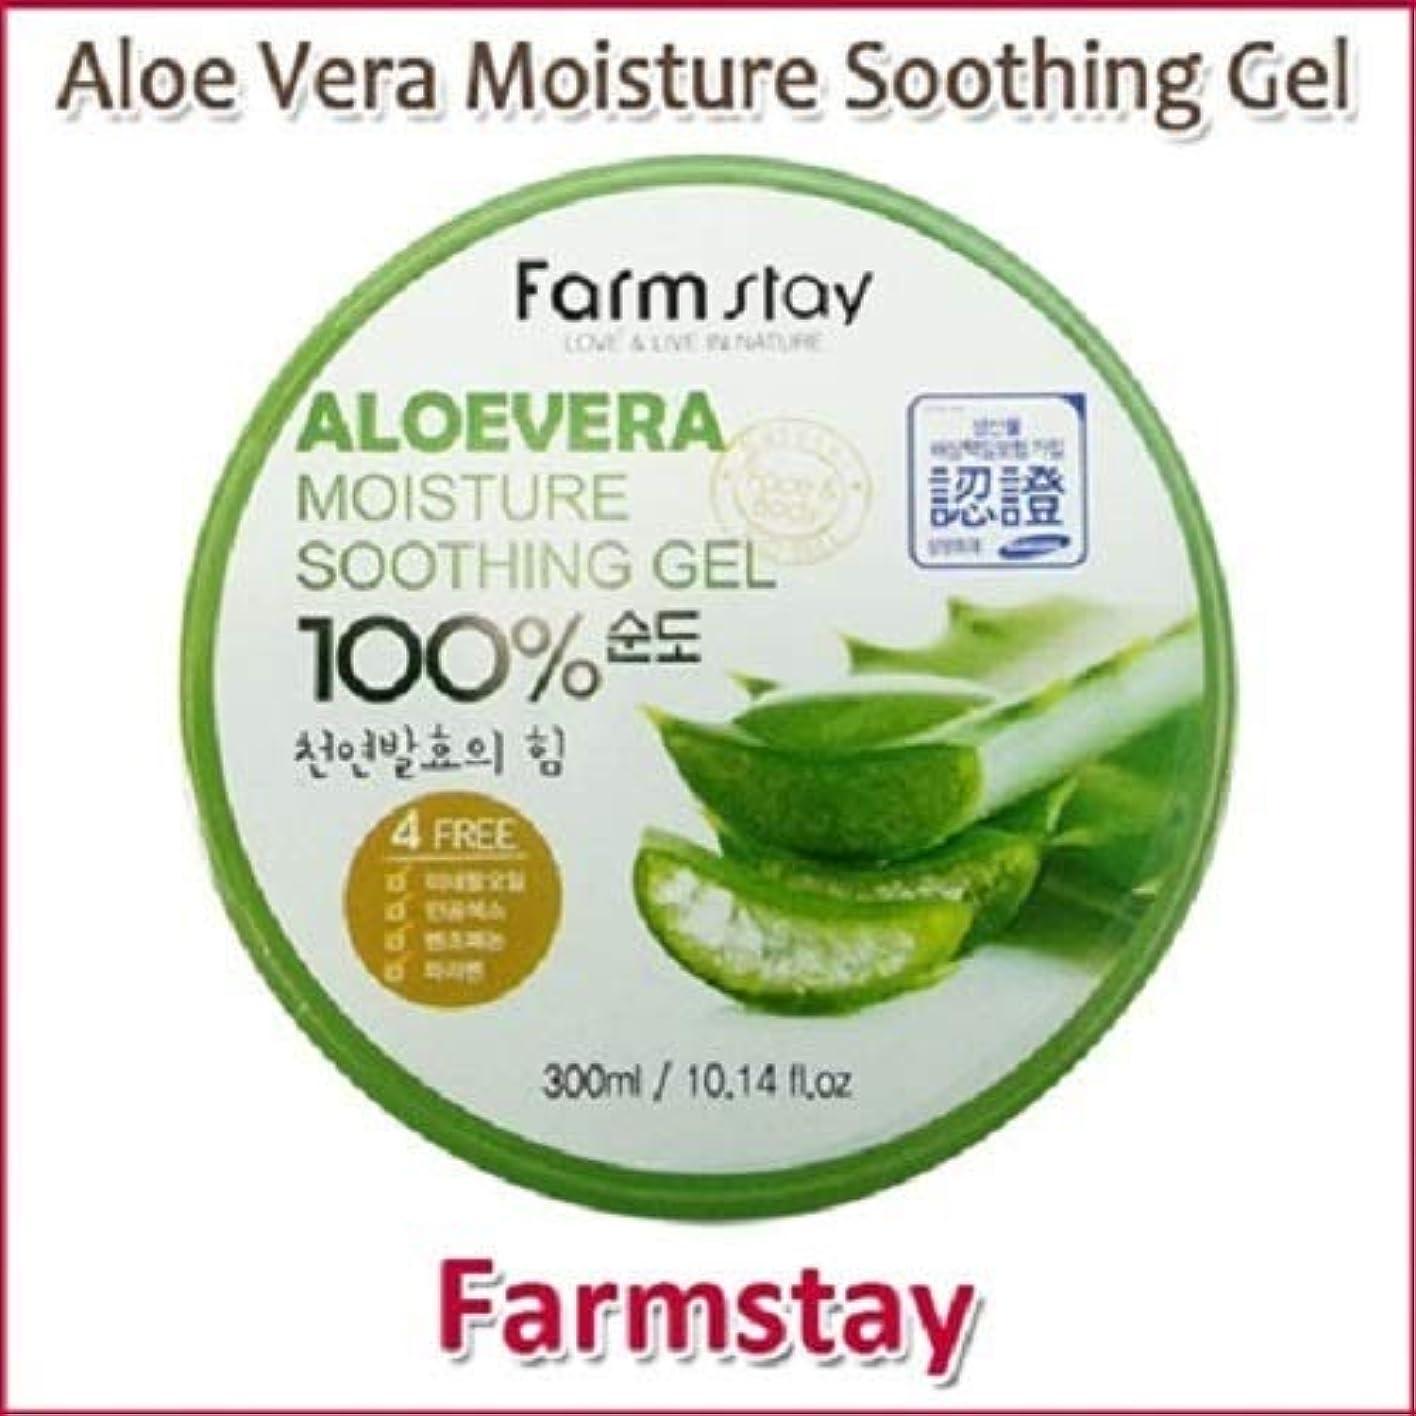 早く生きる成人期Farm Stay Aloe Vera Moisture Soothing Gel 300ml /オーガニック アロエベラゲル 100%/保湿ケア/韓国コスメ/Aloe Vera 100% /Moisturizing [...